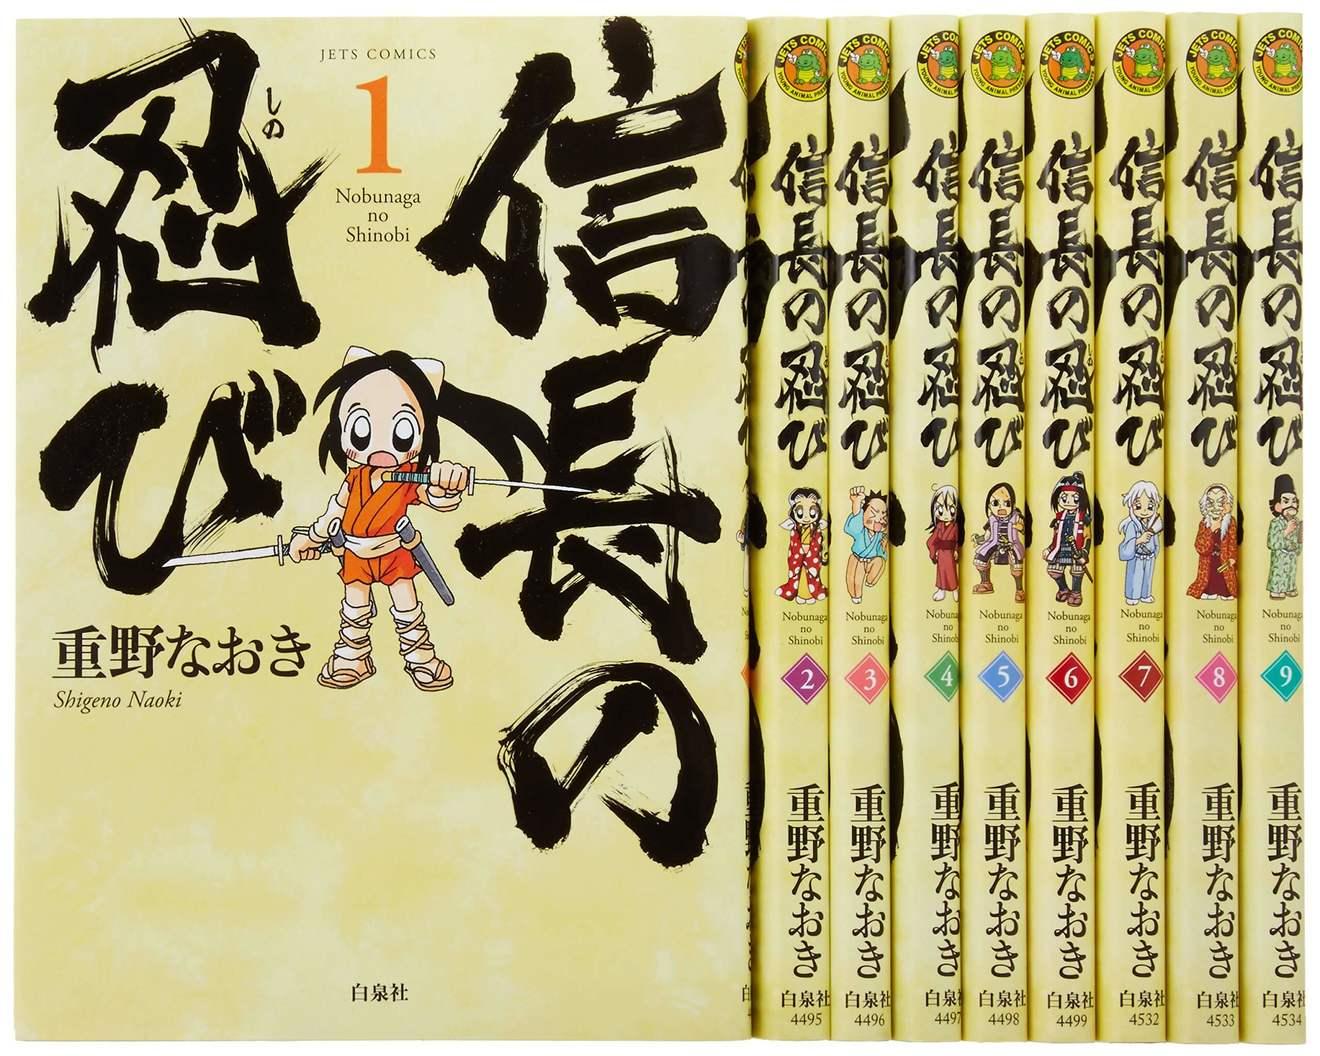 『信長の忍び』が無料!本格4コマ歴史漫画の魅力ネタバレ紹介!【アニメ化】